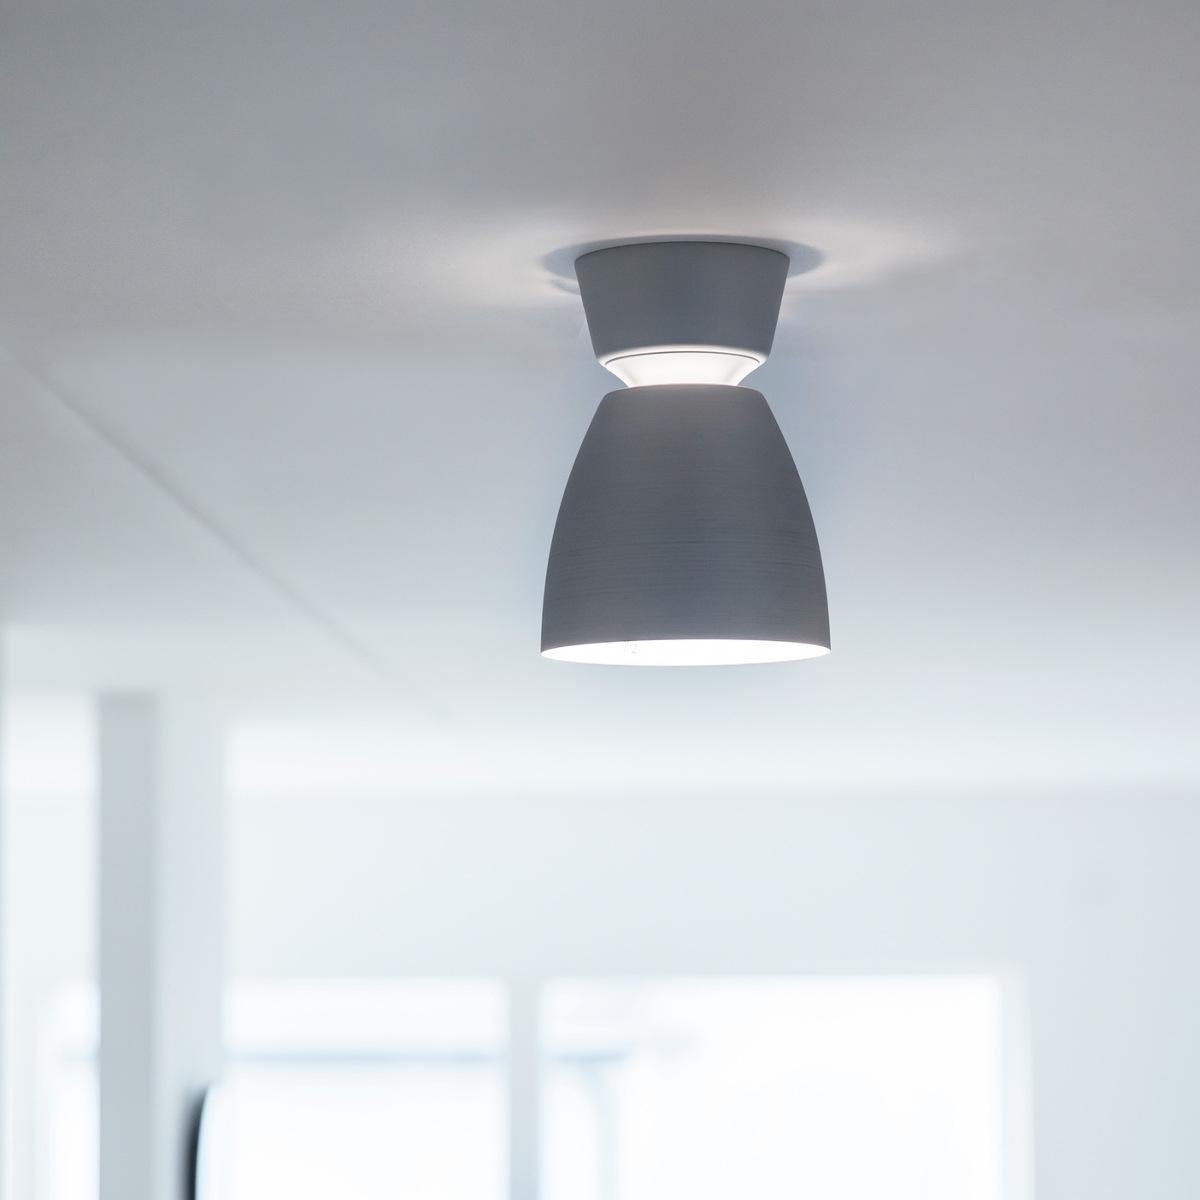 Full Size of Deckenlampe Skandinavisch Schlafzimmer Wohnzimmer Deckenlampen Für Modern Bett Esstisch Küche Bad Wohnzimmer Deckenlampe Skandinavisch